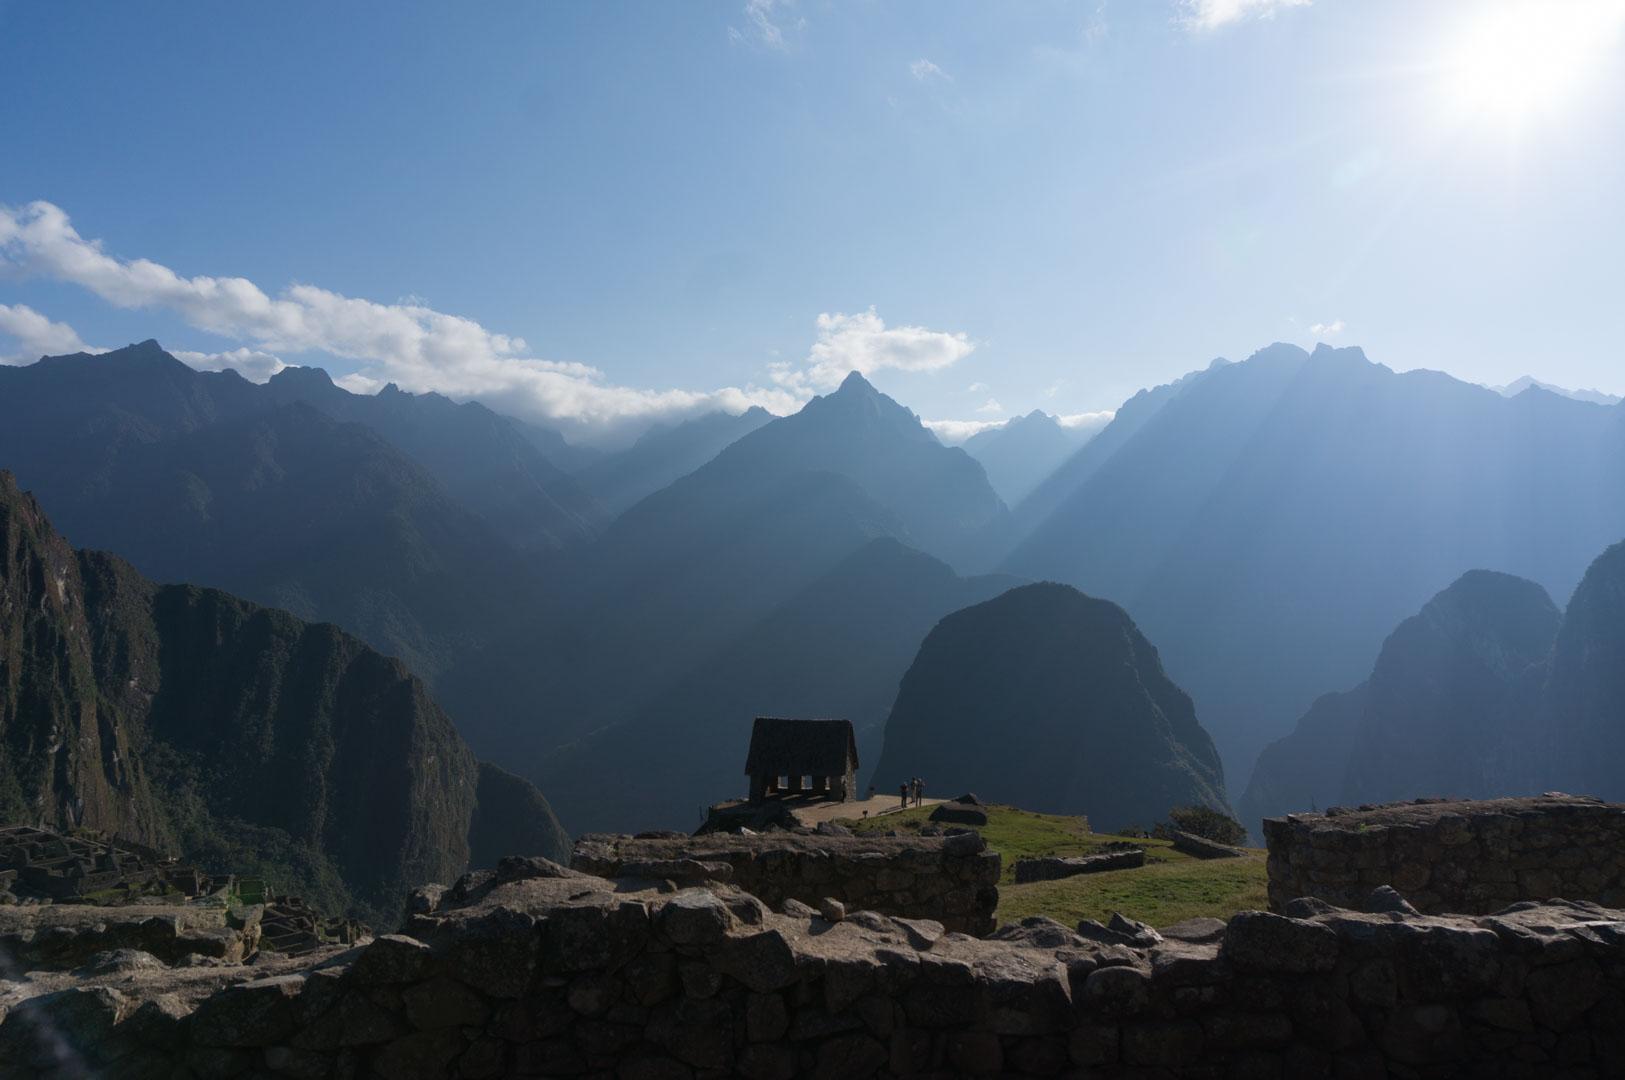 Die Berge zur anderen Seite sind zum Glück unbeobachtet :-)